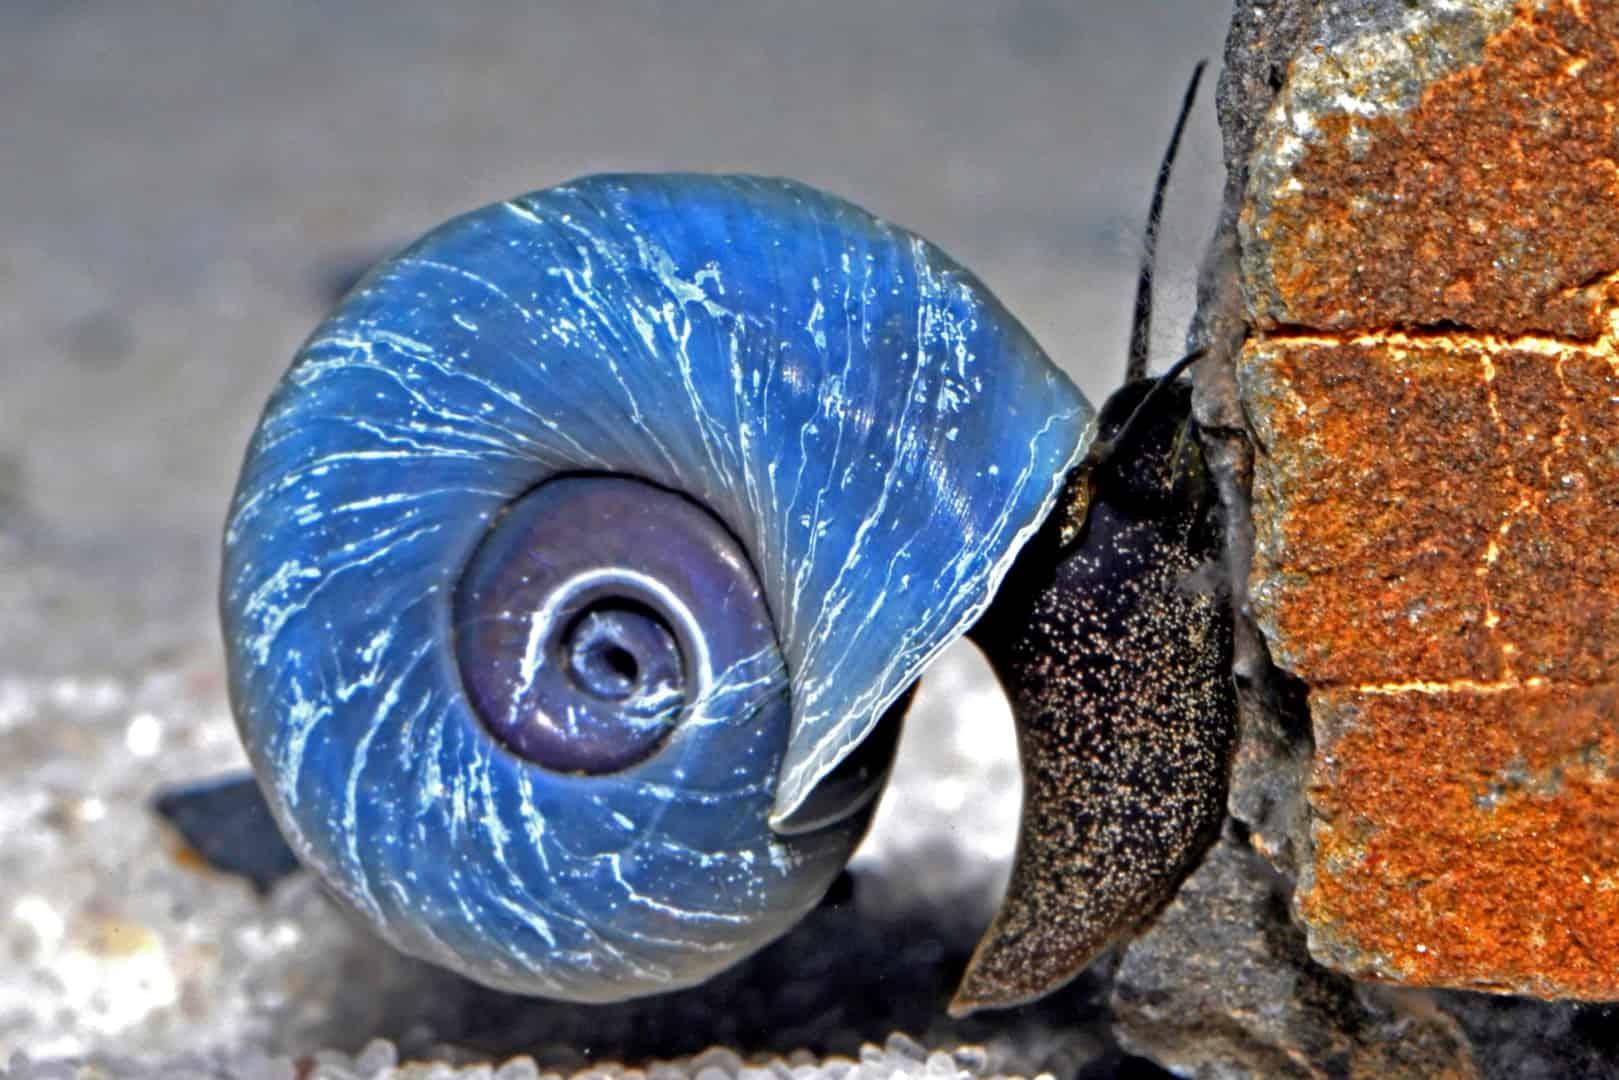 Kein Durchblick im Aquarium? Diese Putzer helfen bei Algenproblemen 3